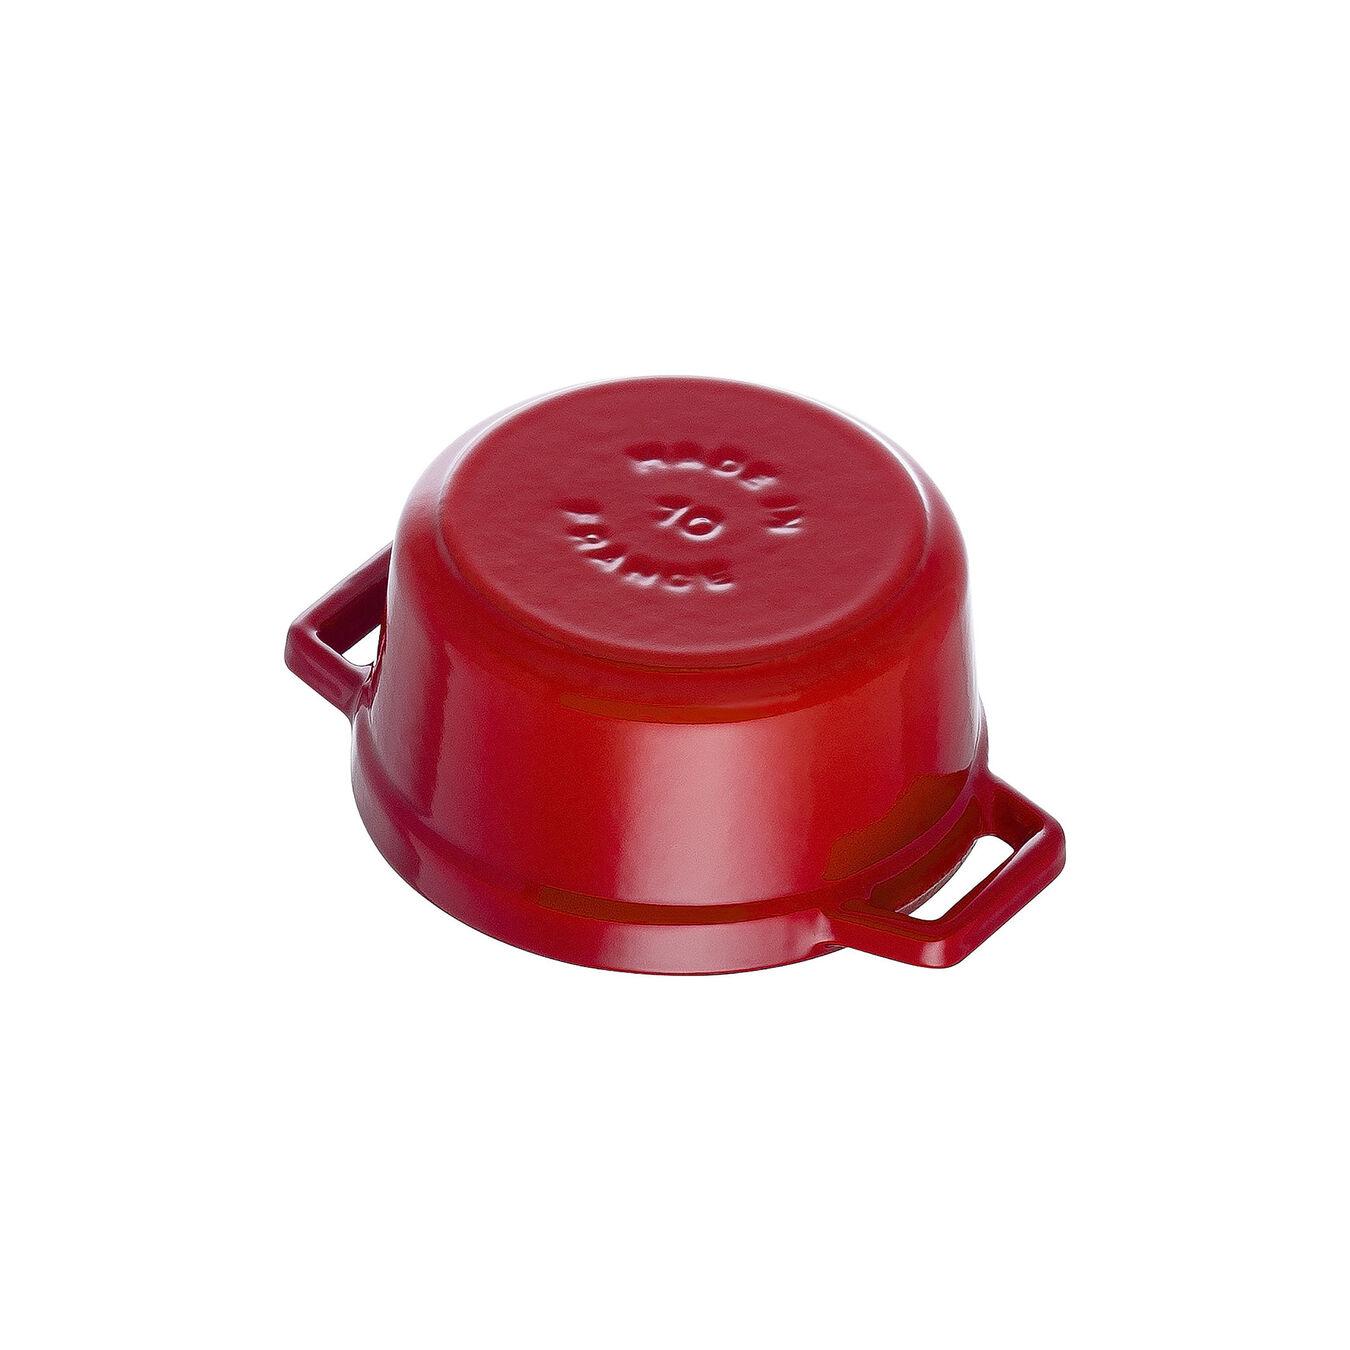 0.25-qt Mini Round Cocotte - Cherry,,large 4